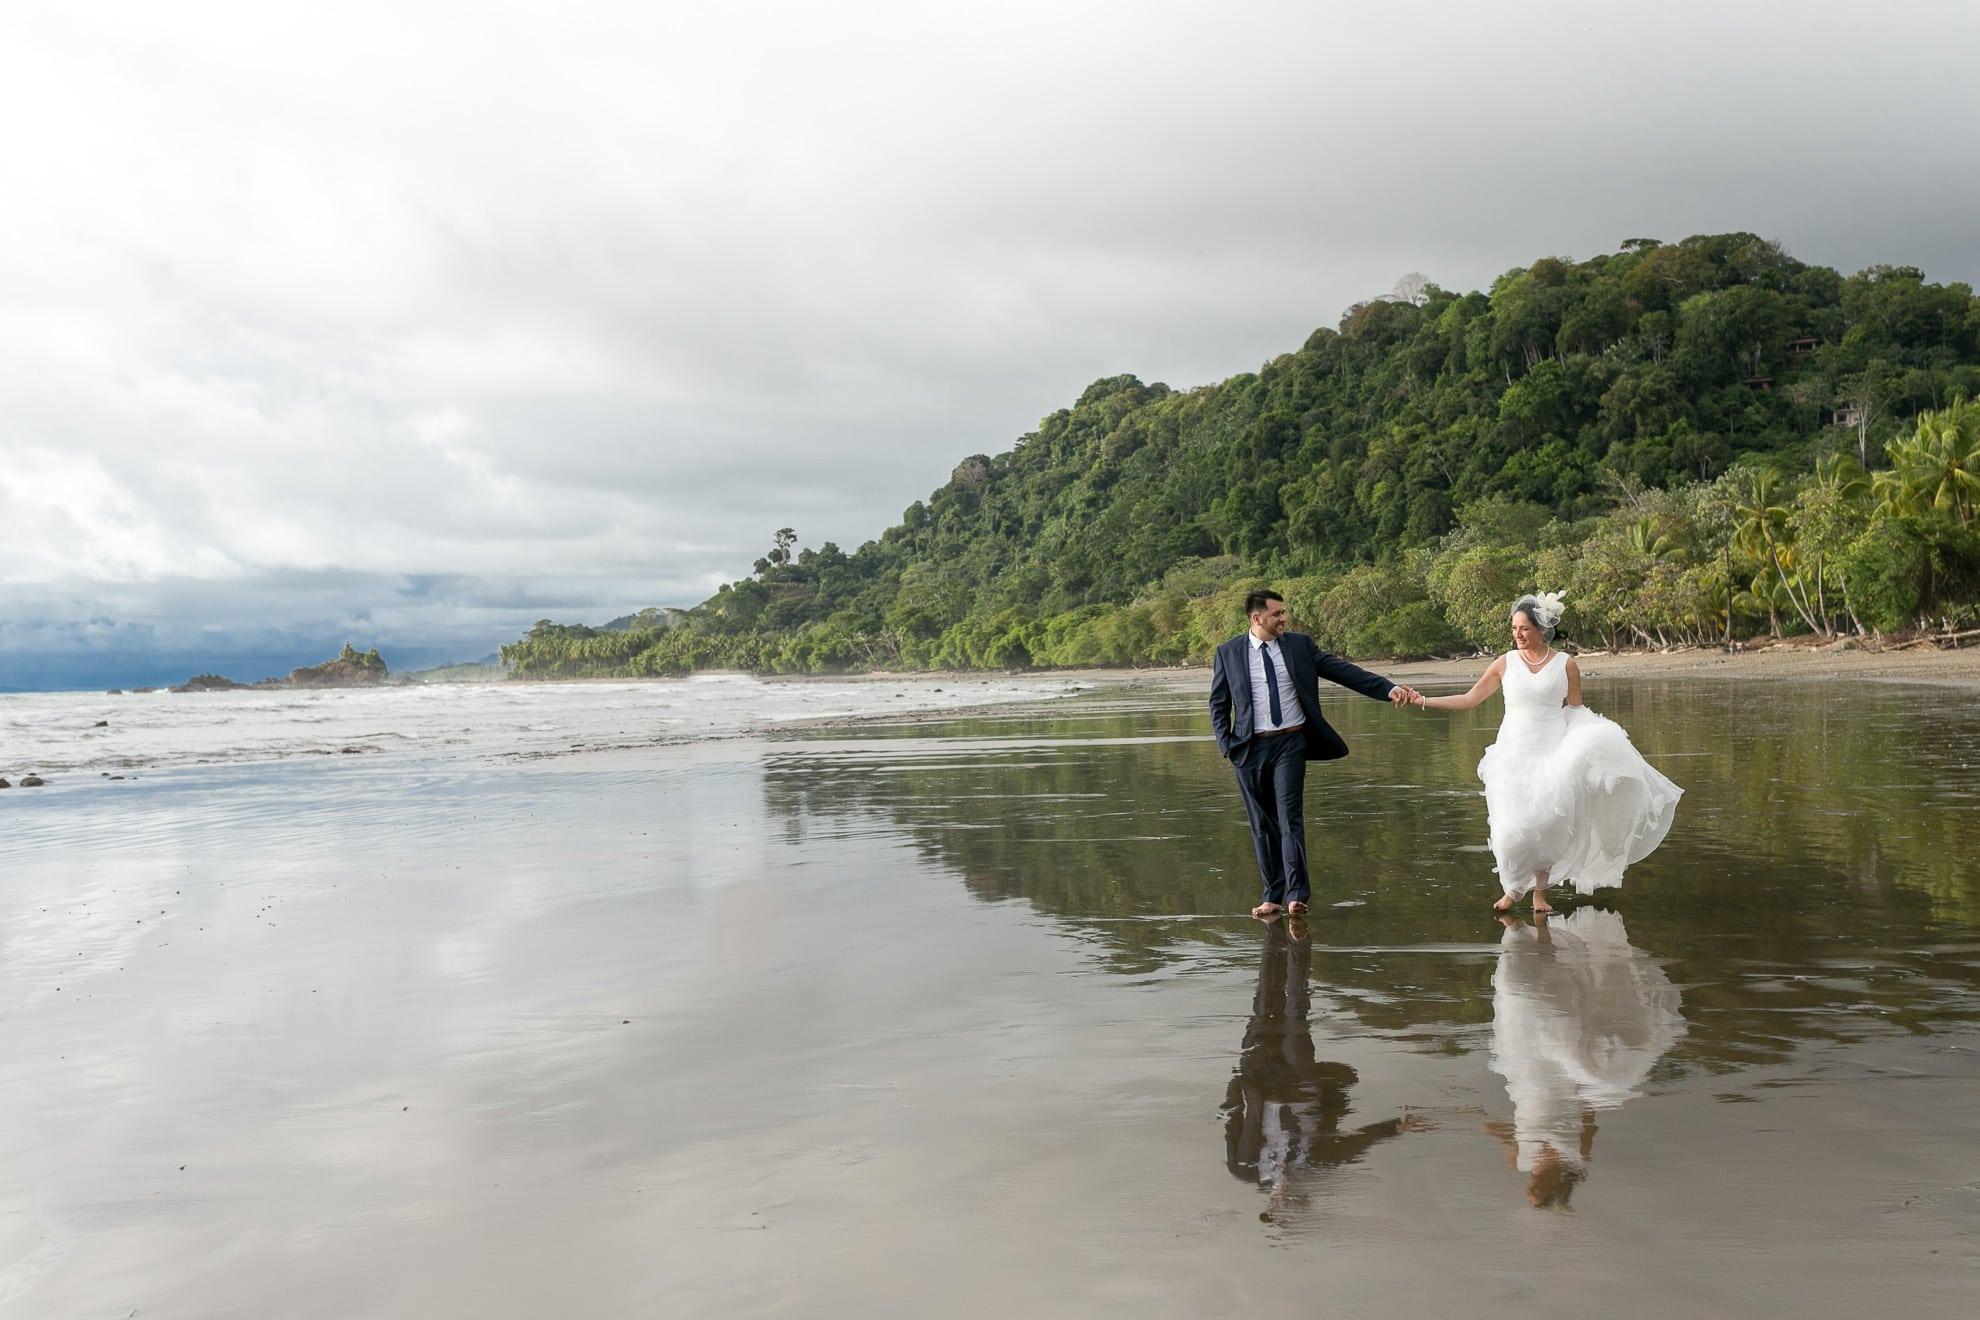 Wedding in Dominicalito, Costa Rica